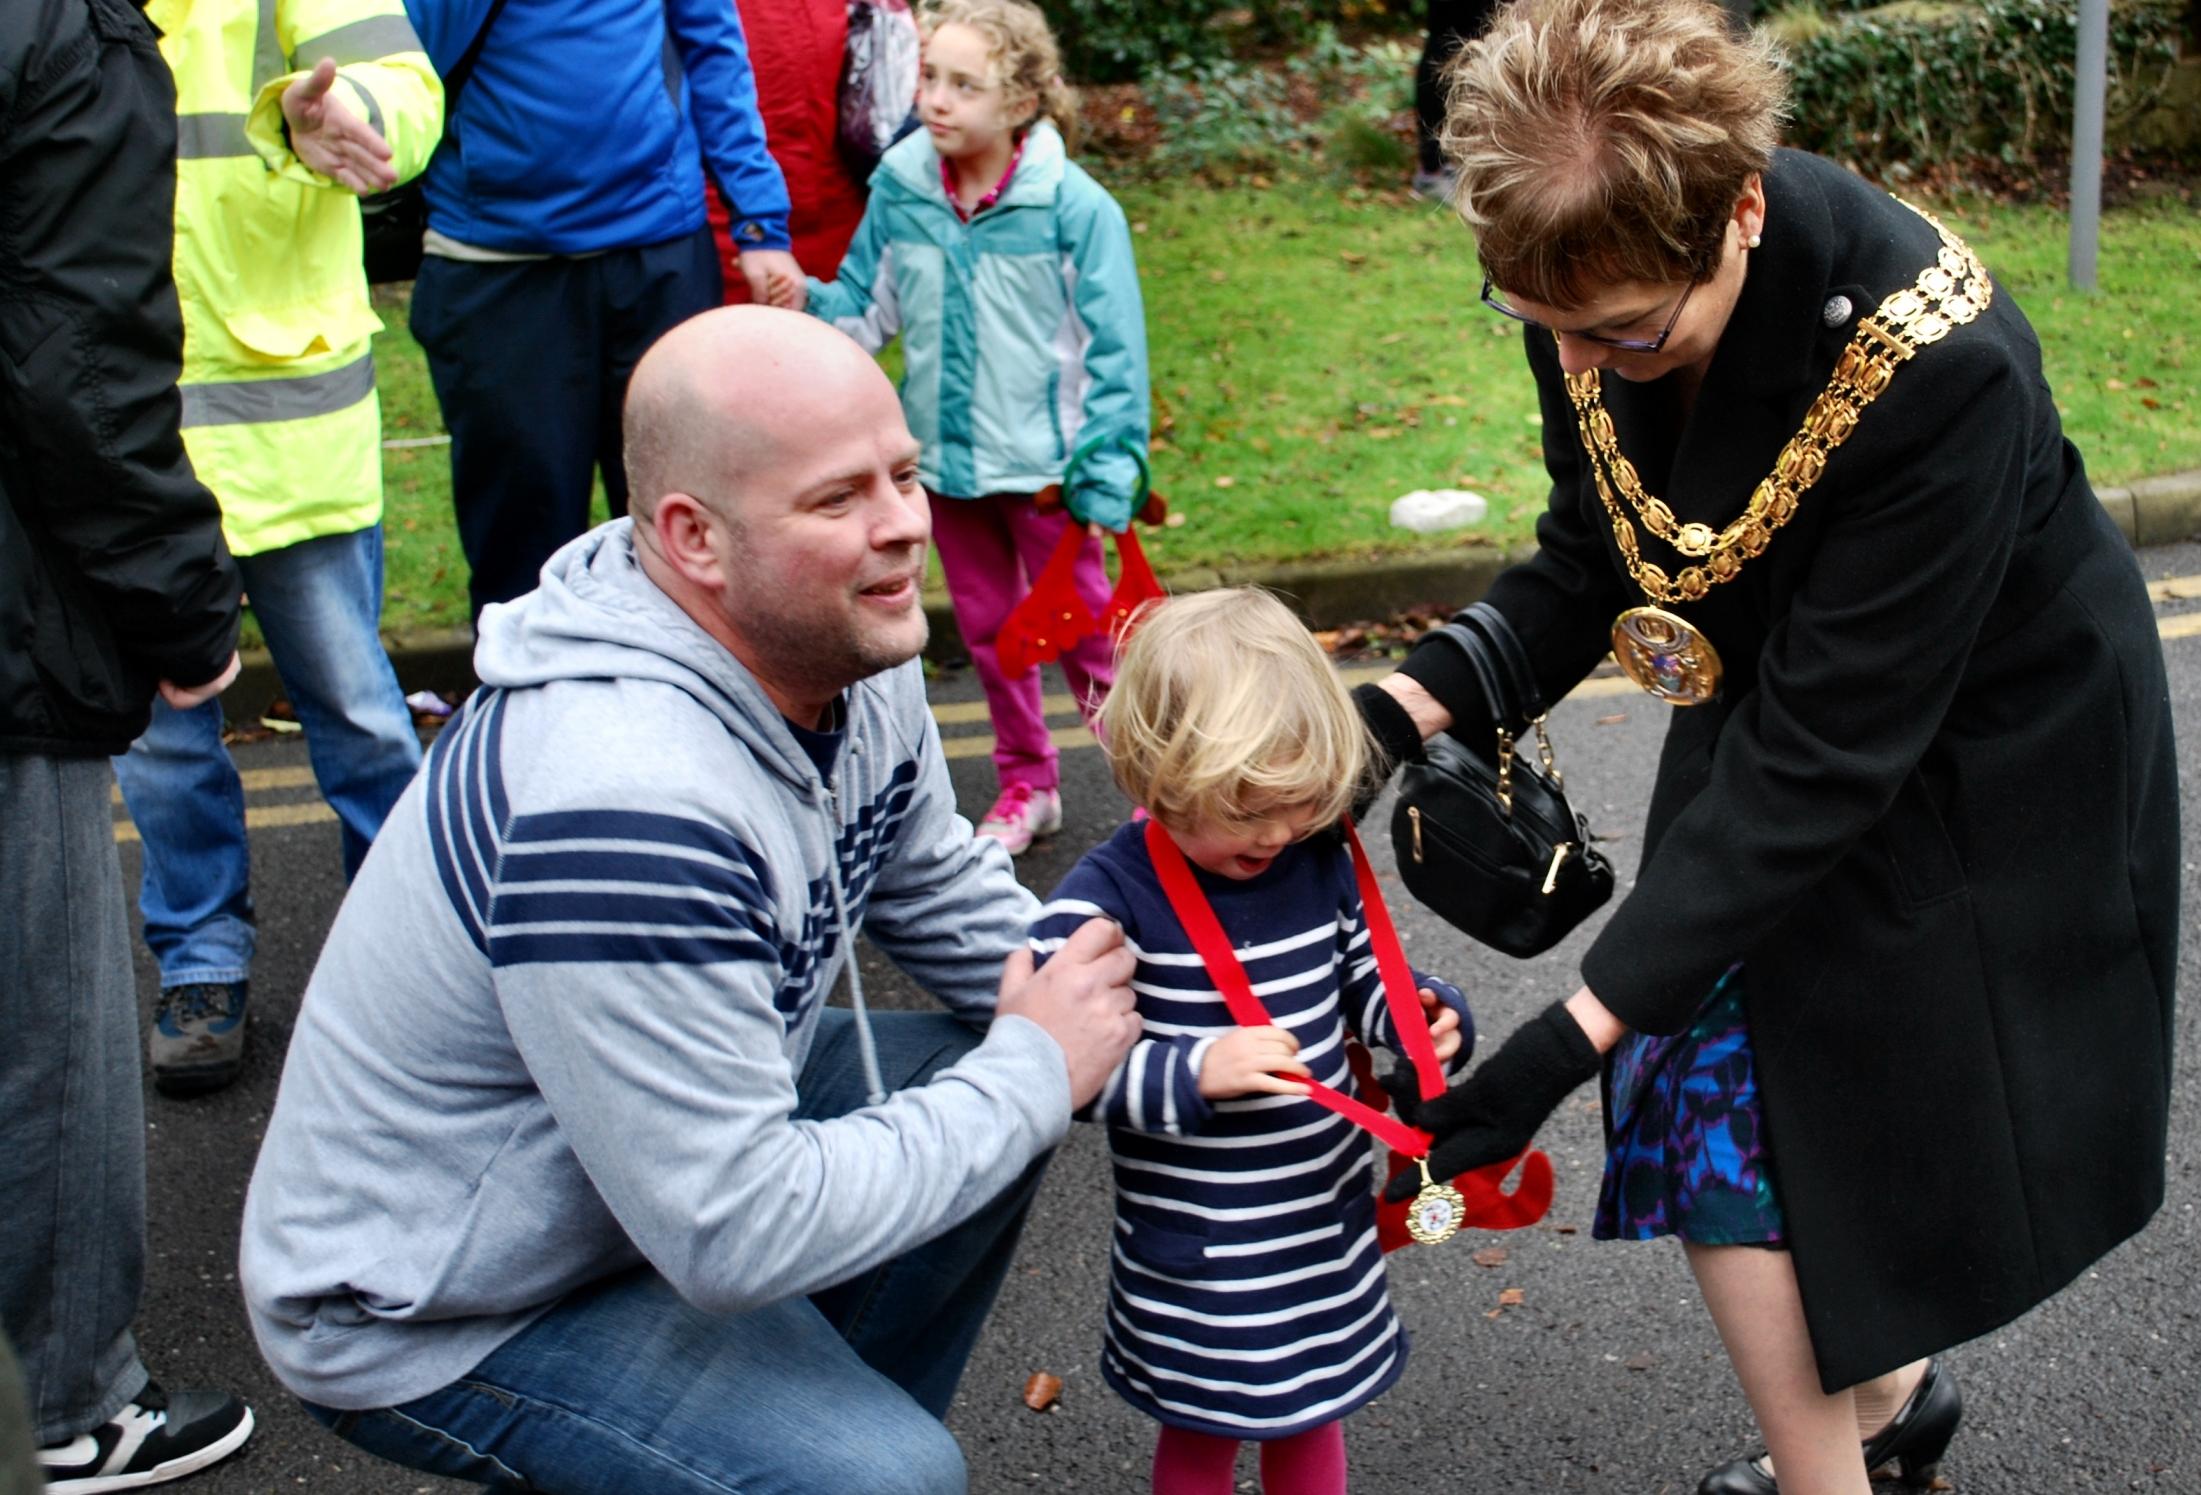 Little Reindeer Receives Her Medal